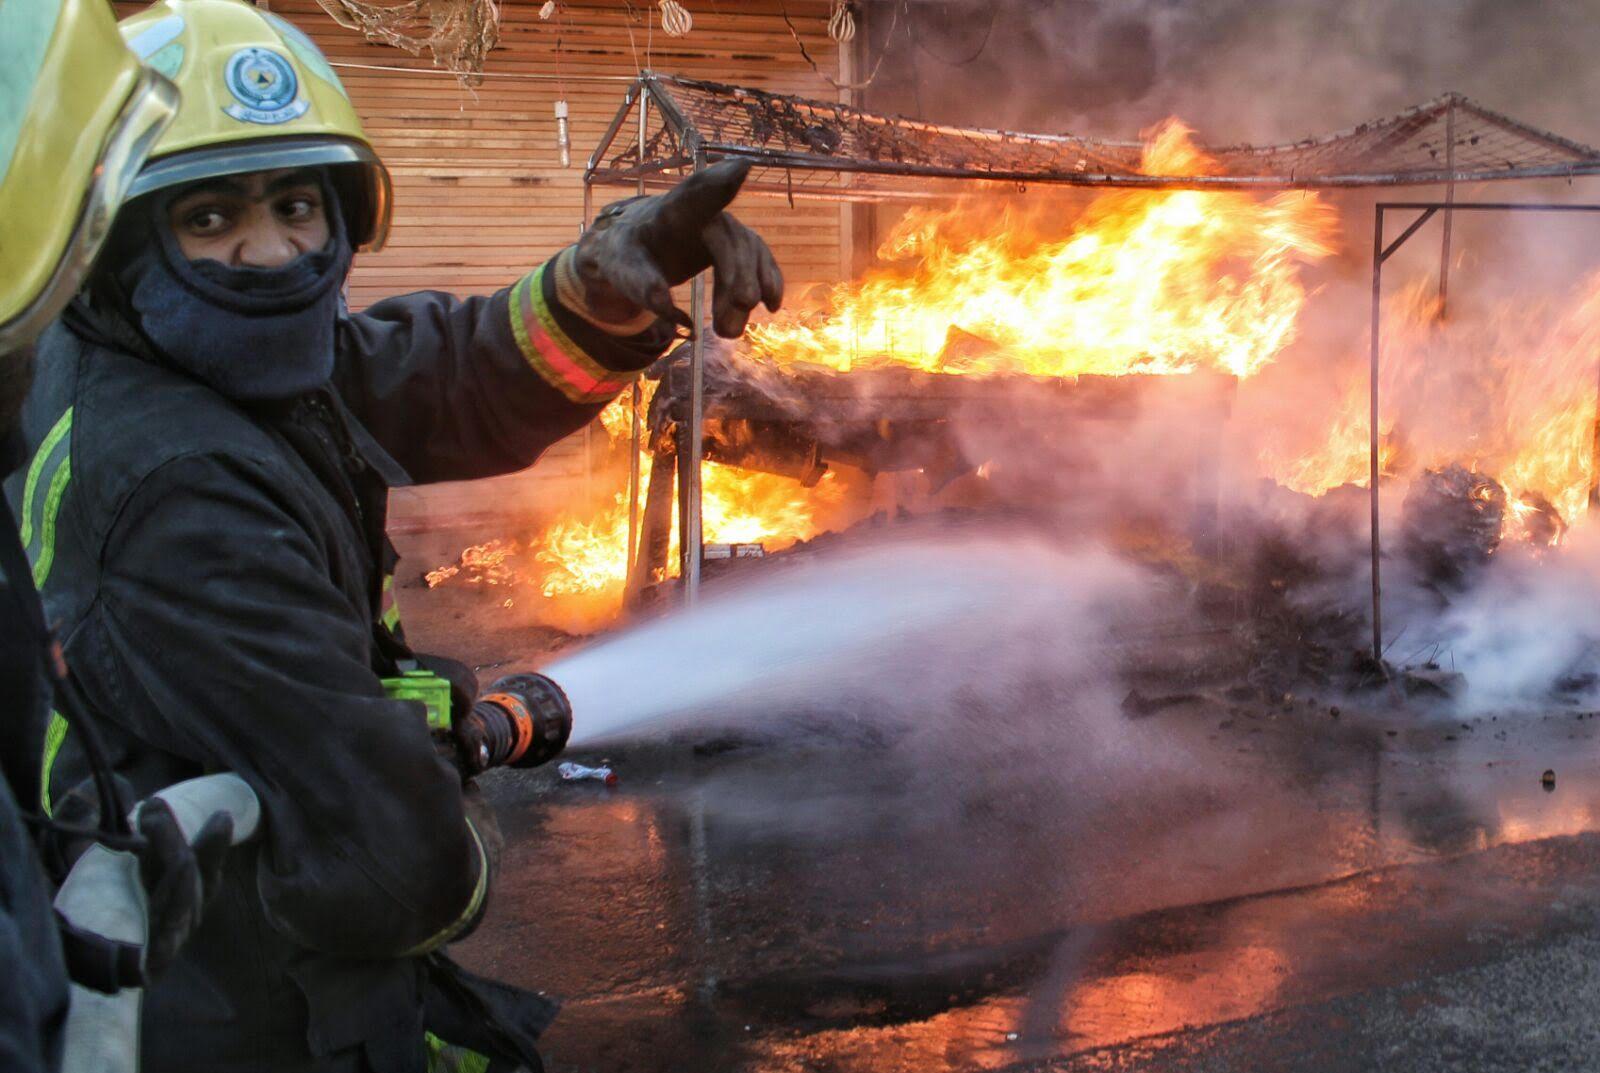 مدني حائل يباشر حريق بمباسط نسائية بسوق برزان (4)